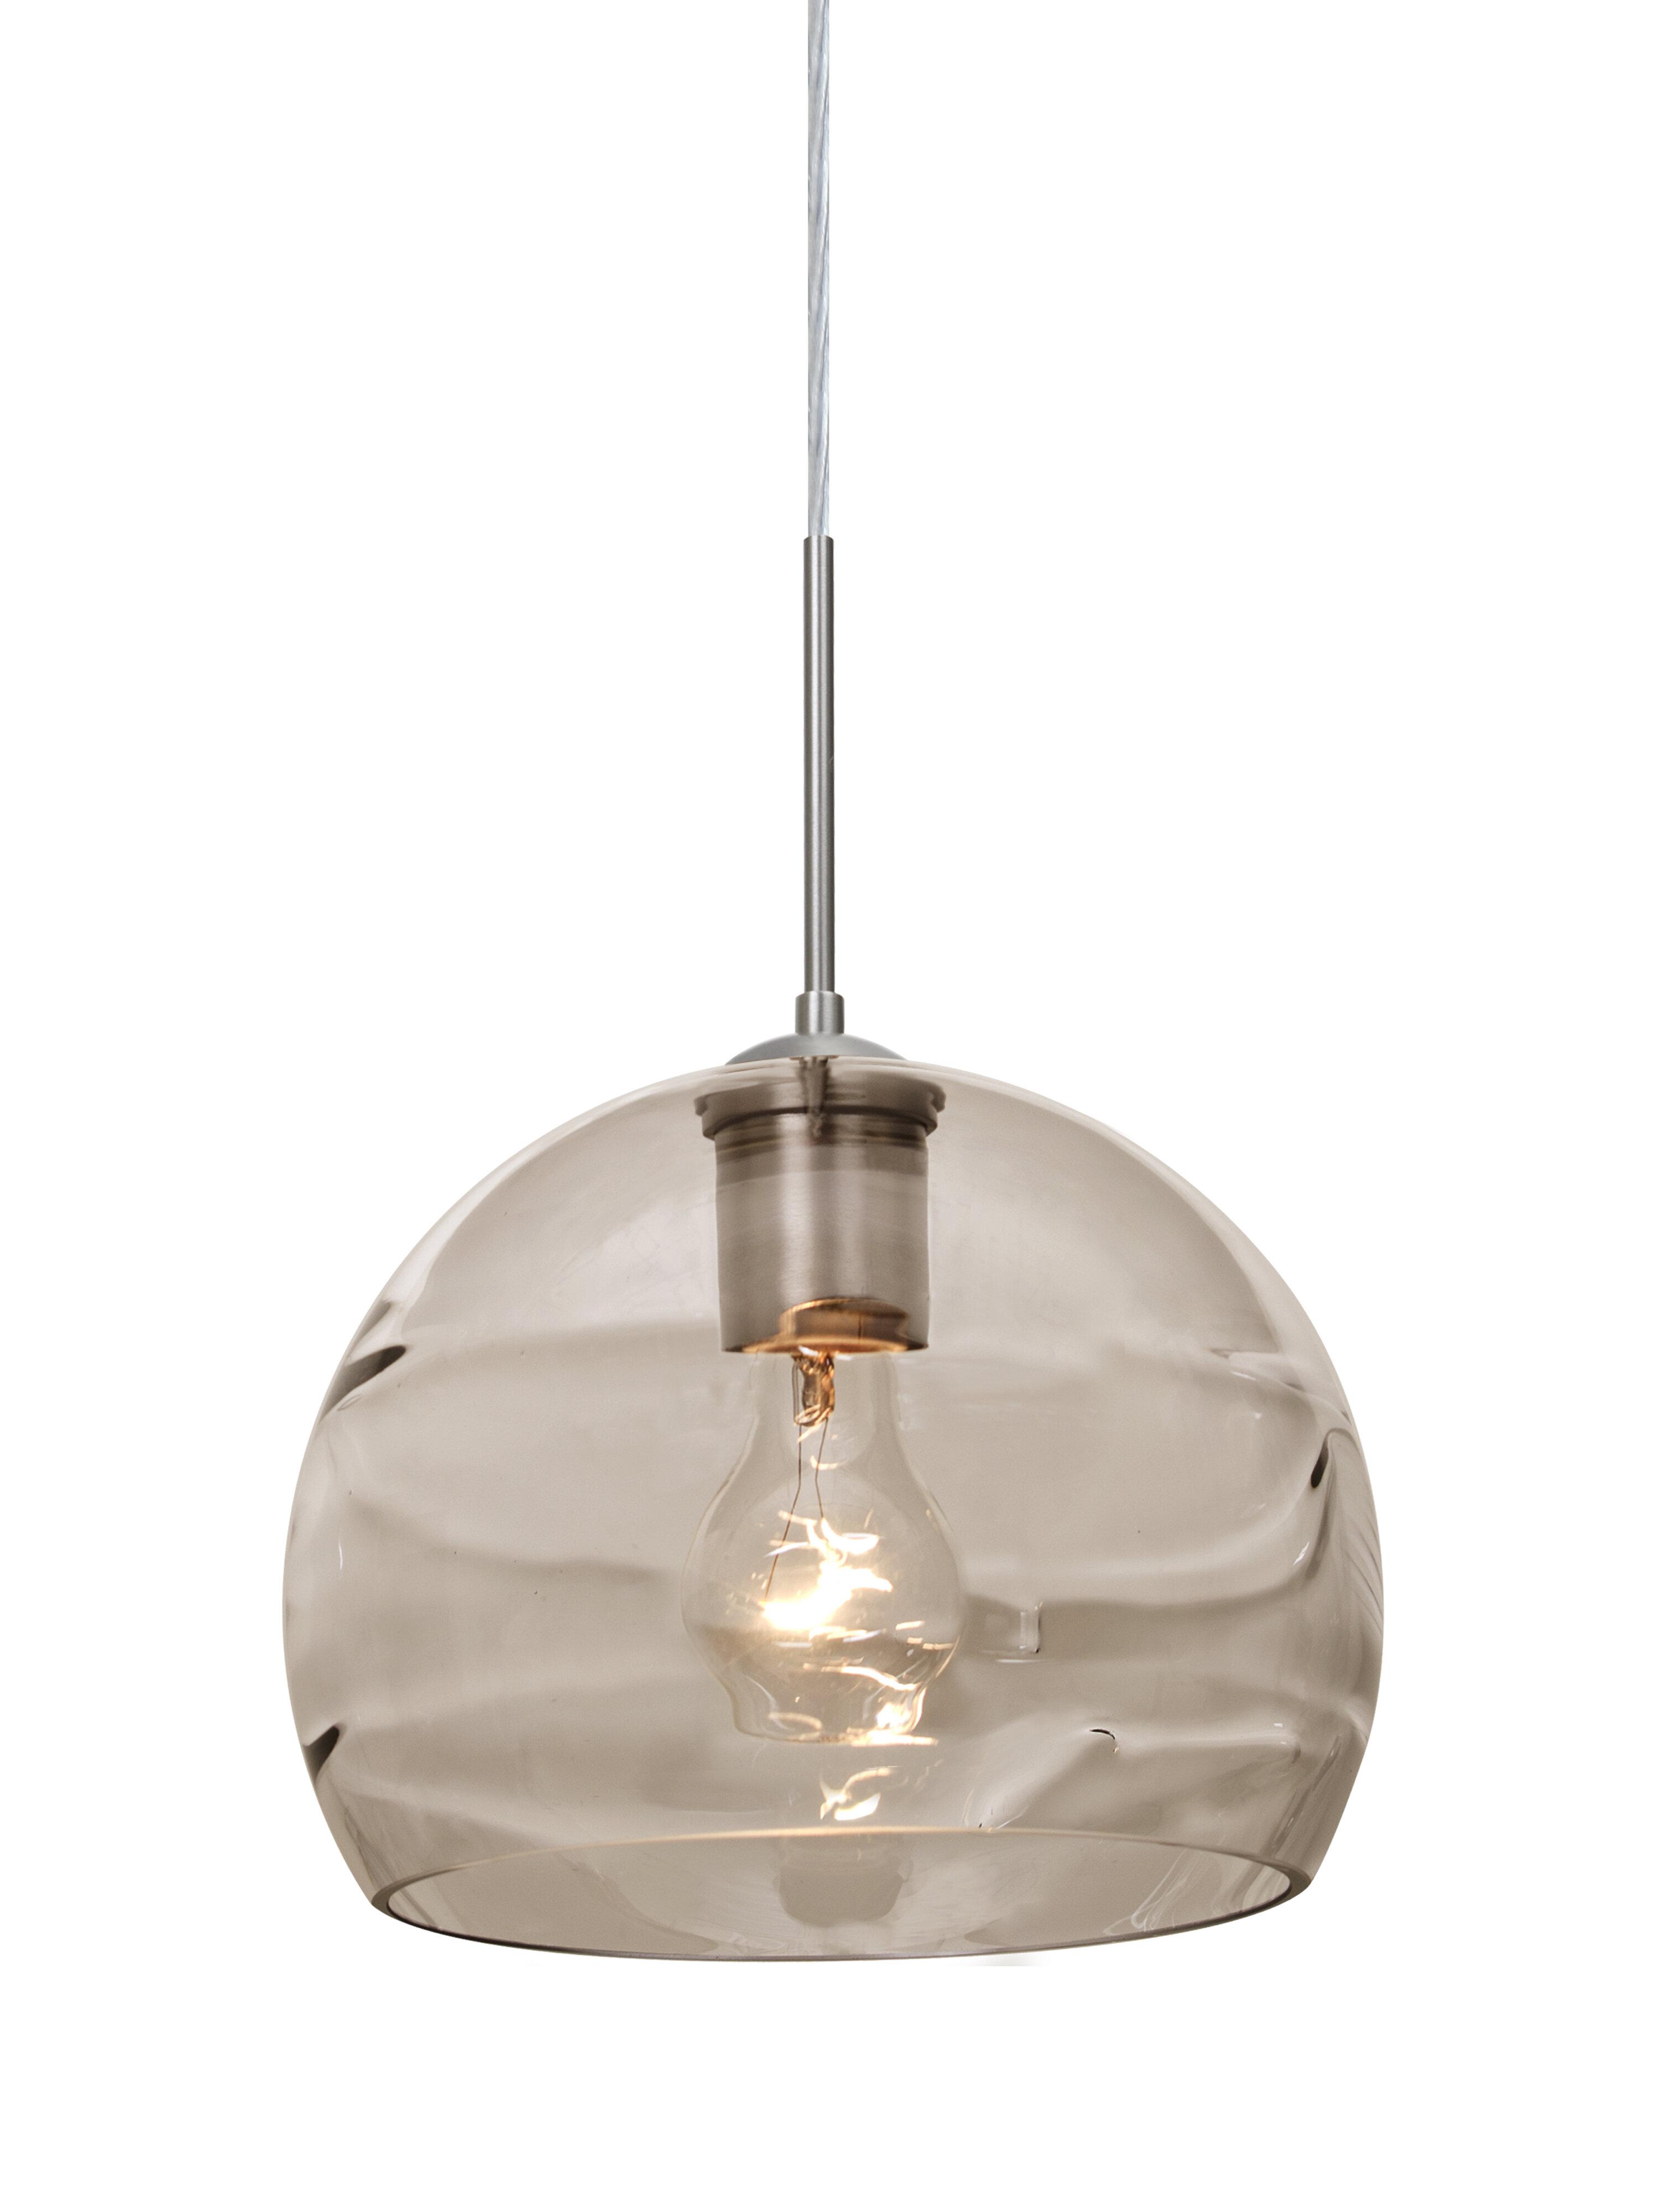 House Of Hampton Grajeda 1 Light Single Dome Pendant Reviews Wayfair